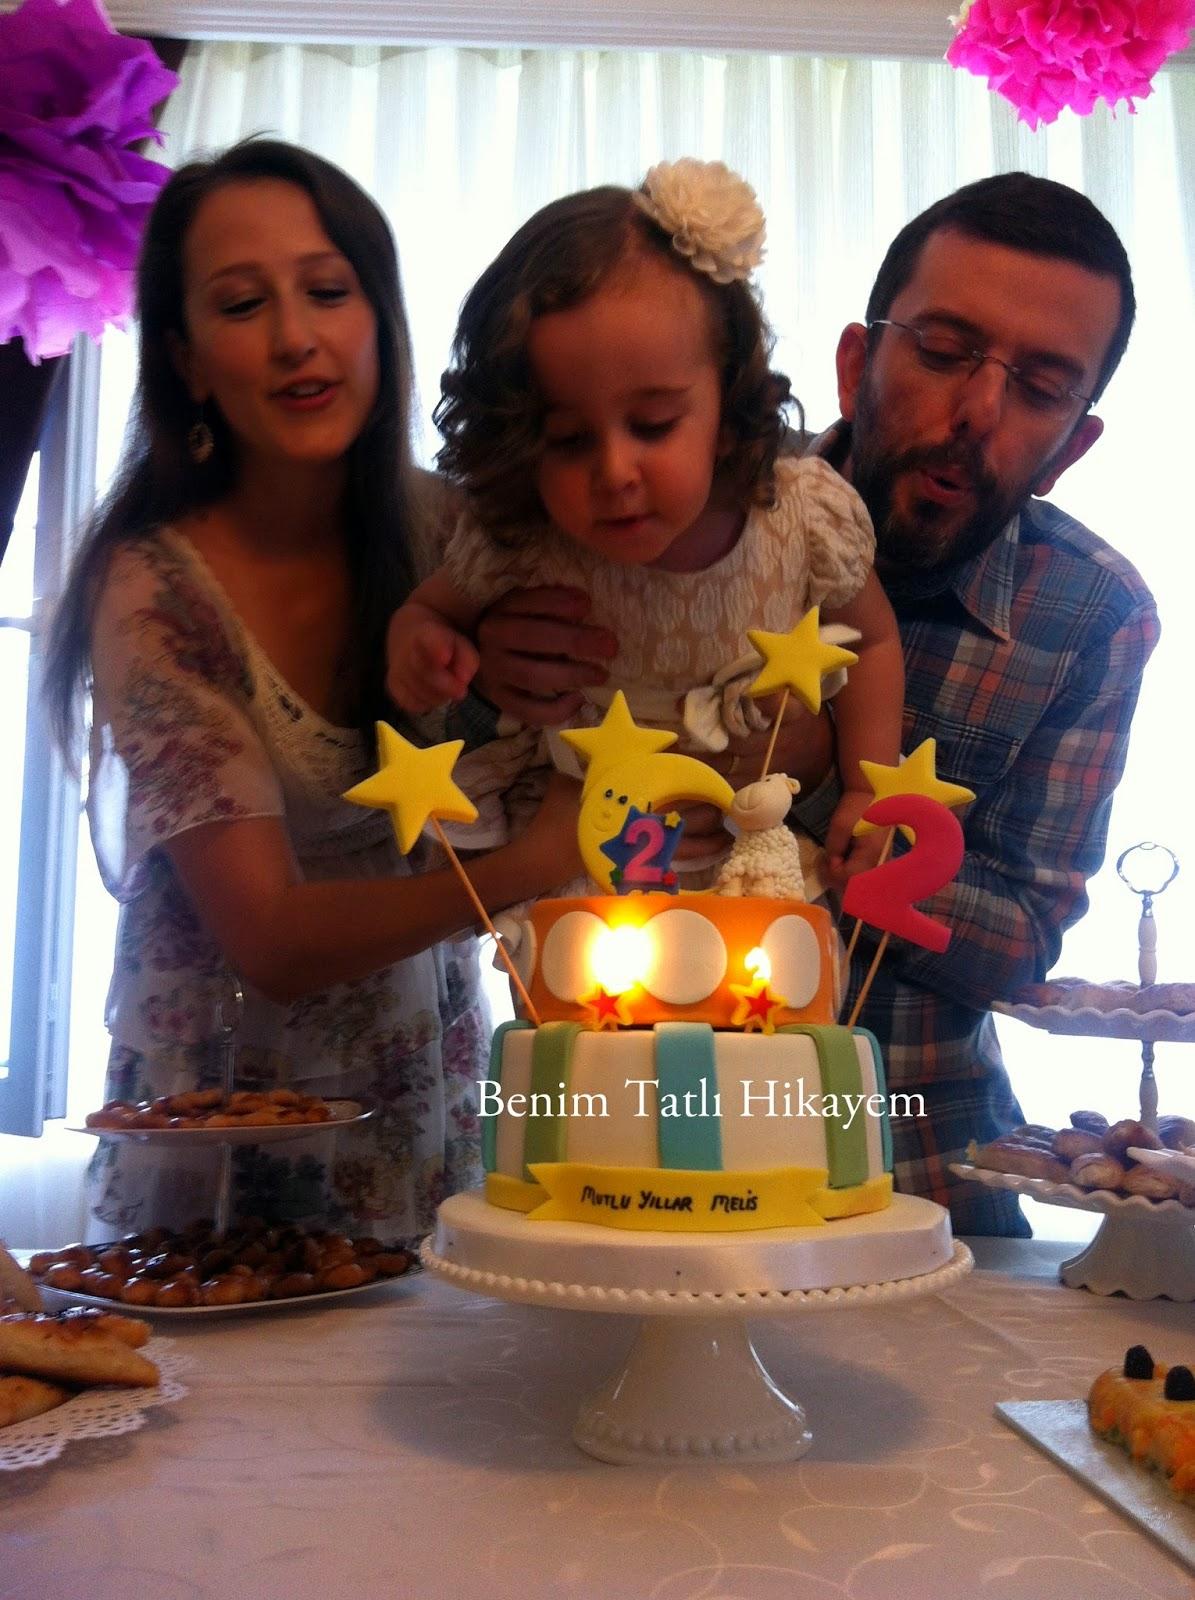 kuzu aydede yıldız pastası